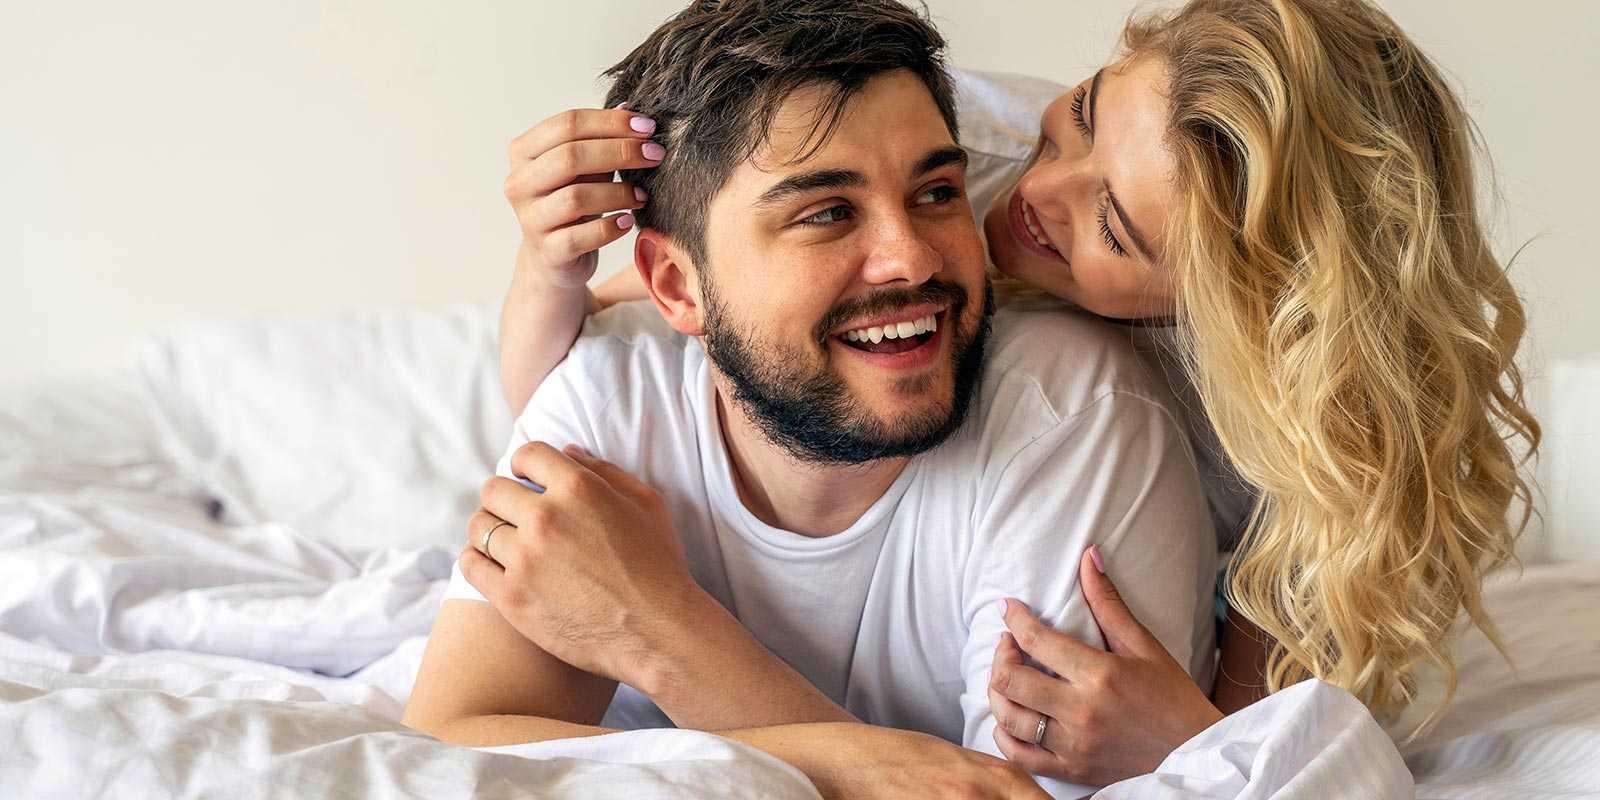 Enfermedad del beso: qué es, síntomas y tratamiento